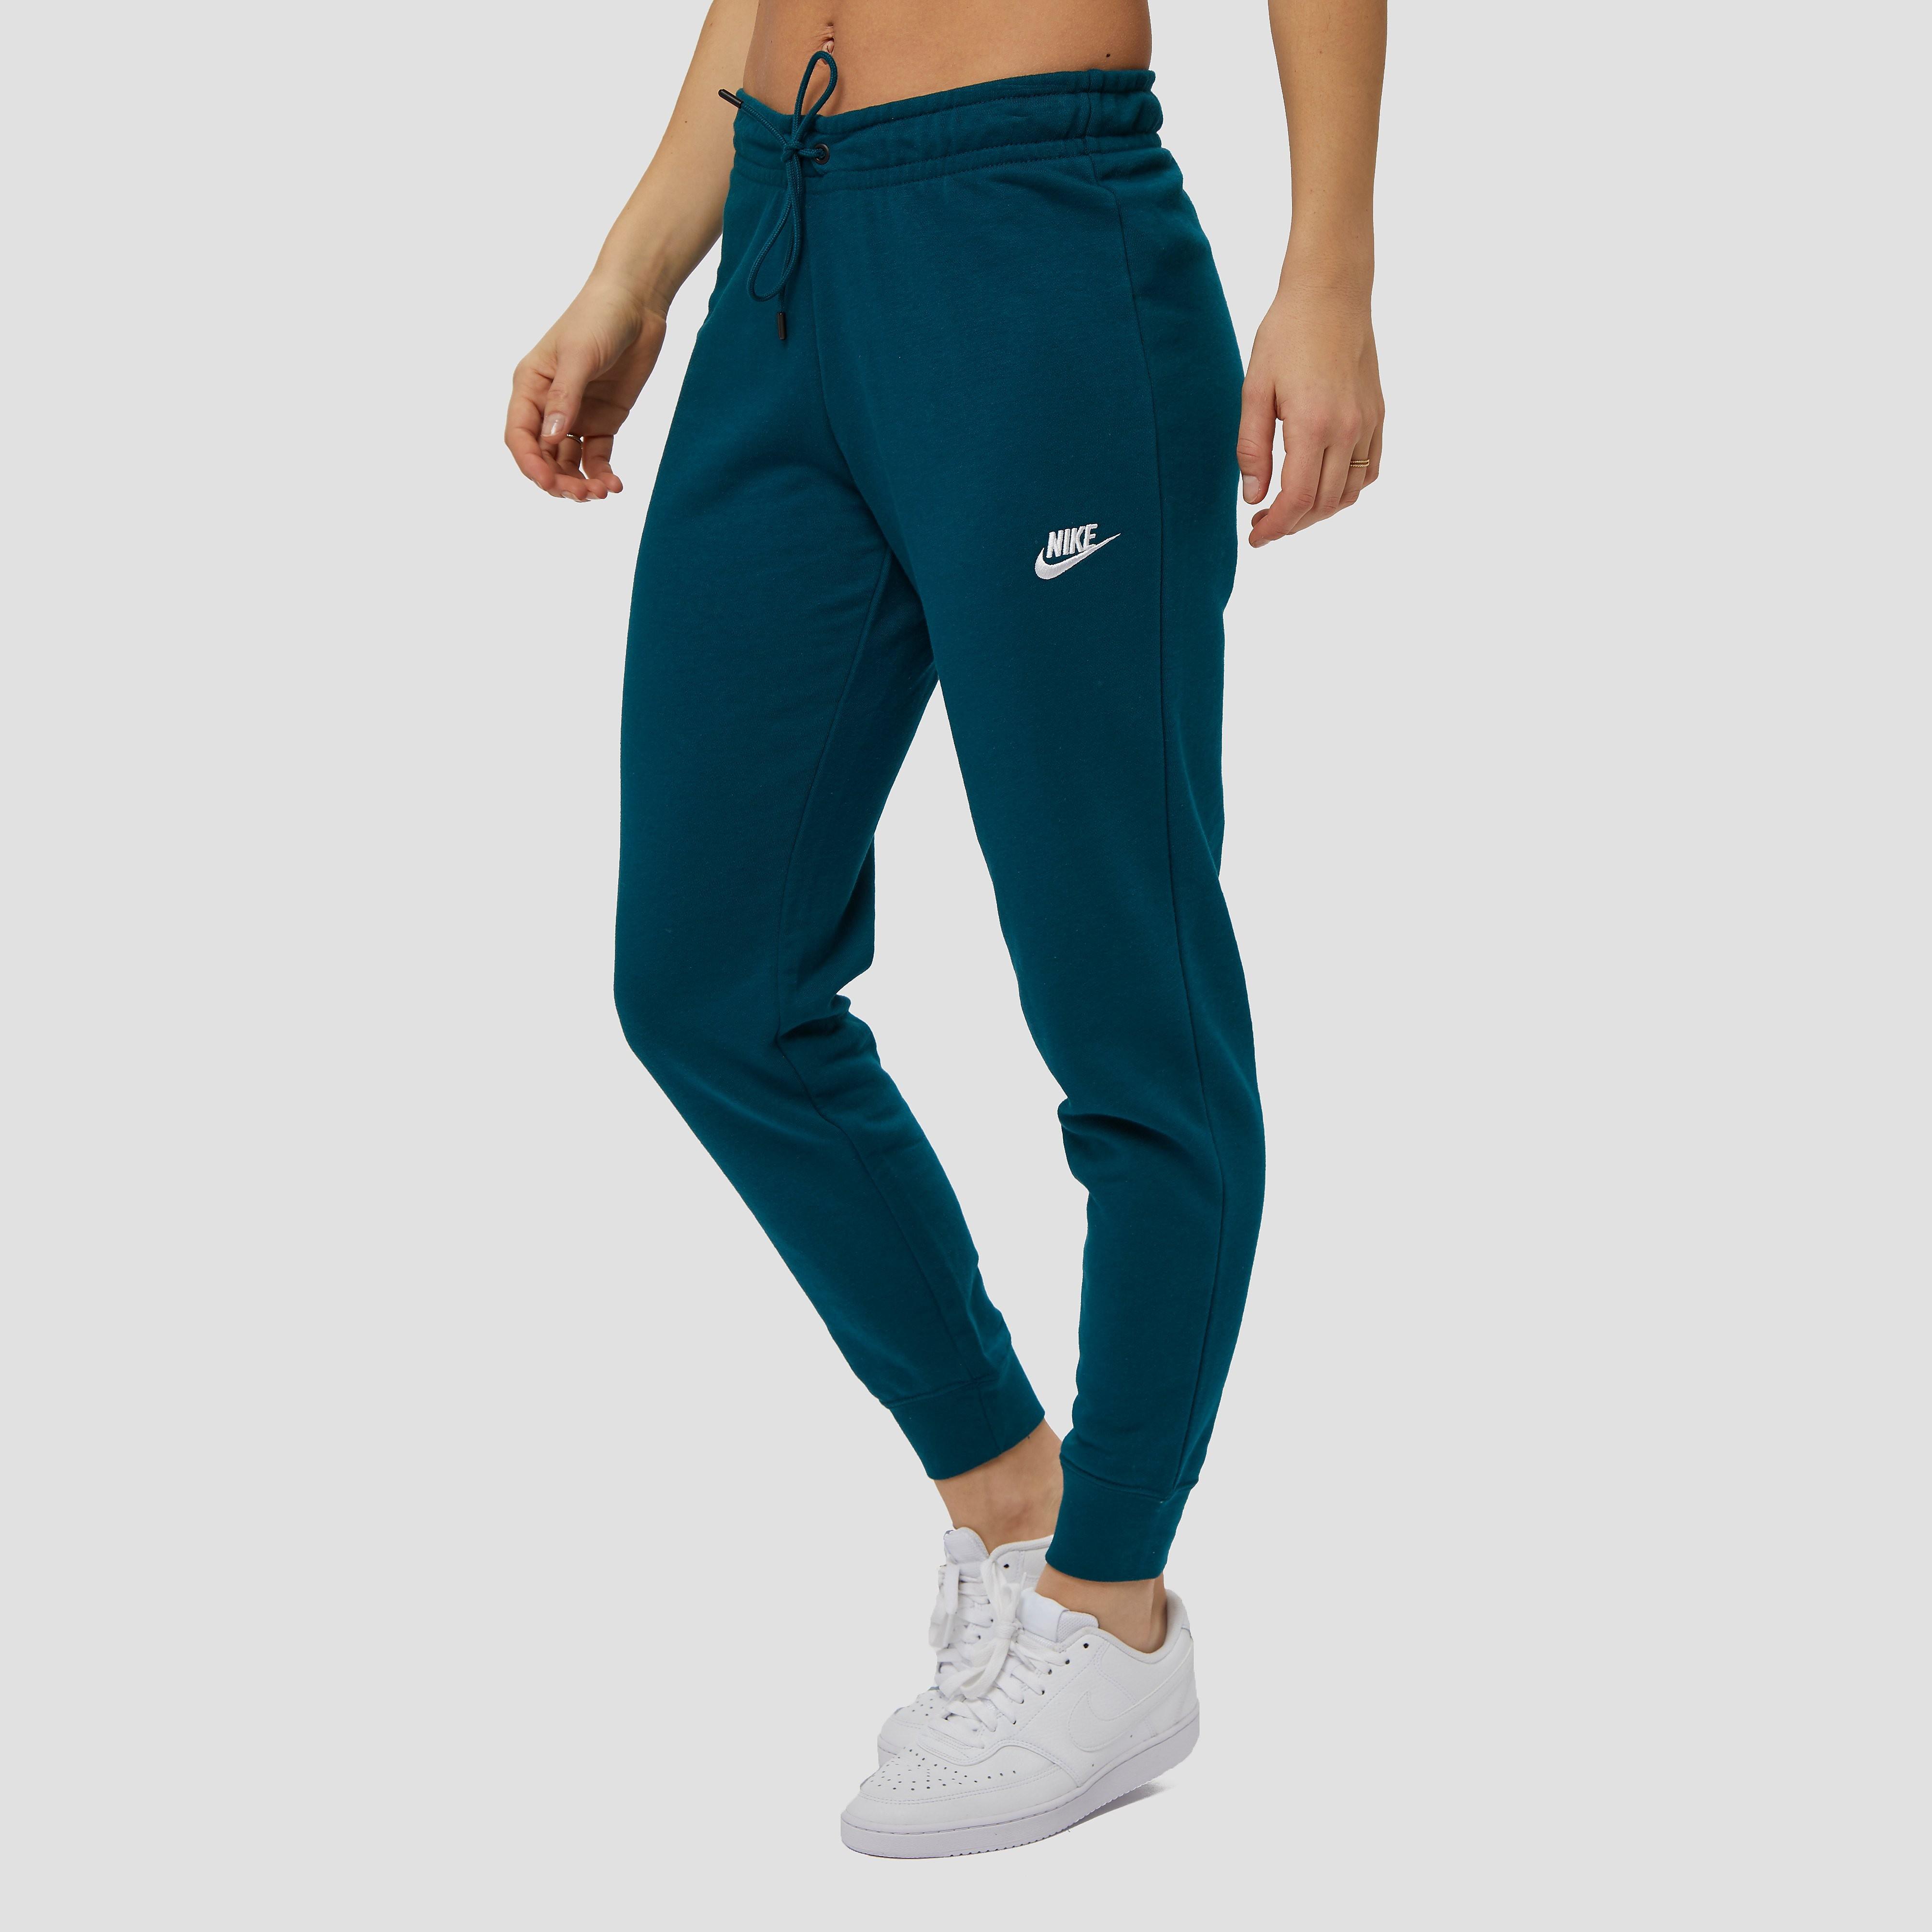 NIKE Essentials fleece tight joggingbroek turquoise/blauw dames Dames